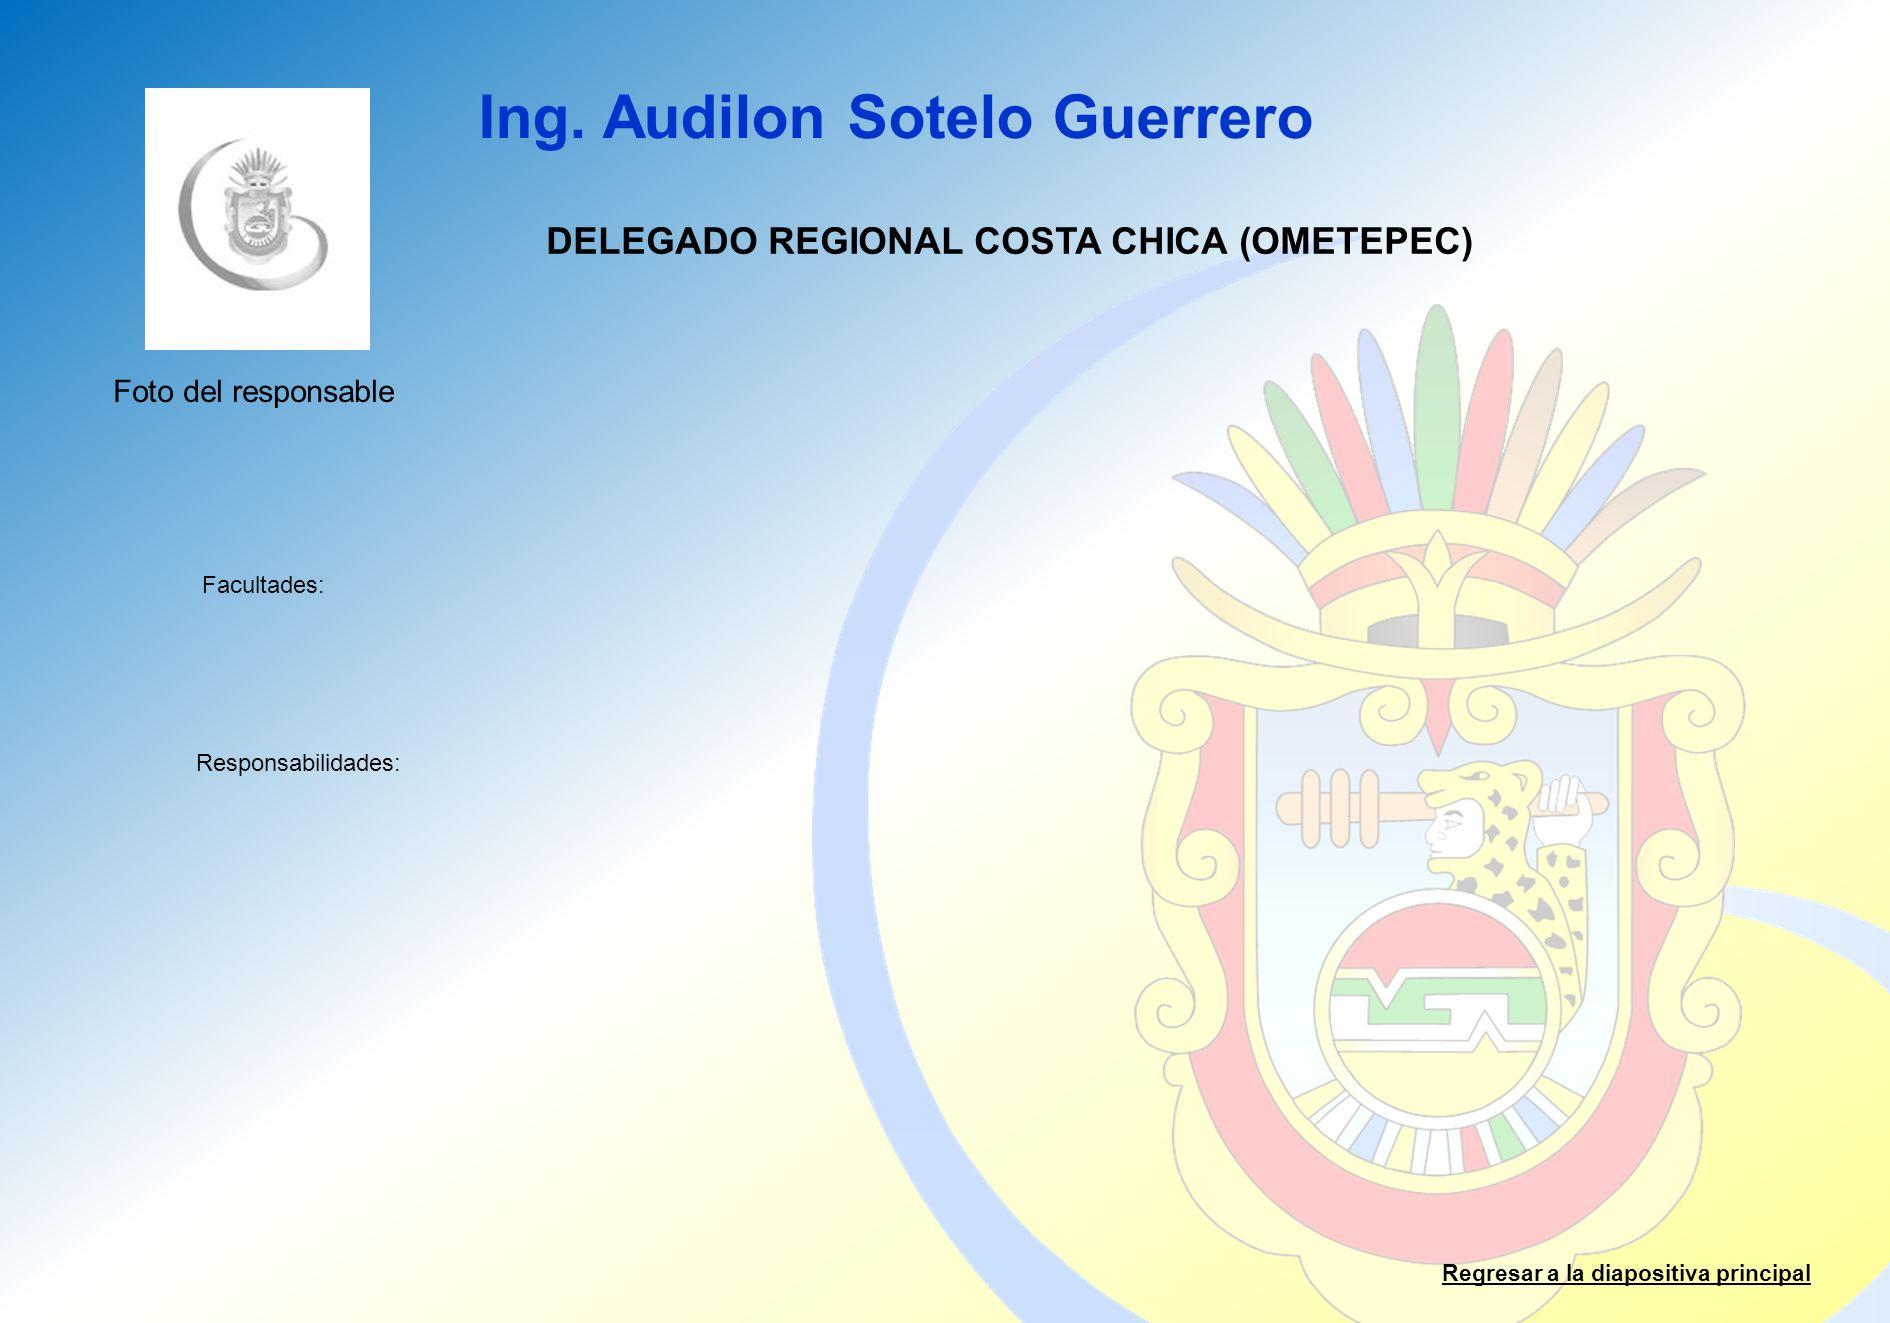 DELEGADO REGIONAL COSTA CHICA (OMETEPEC)